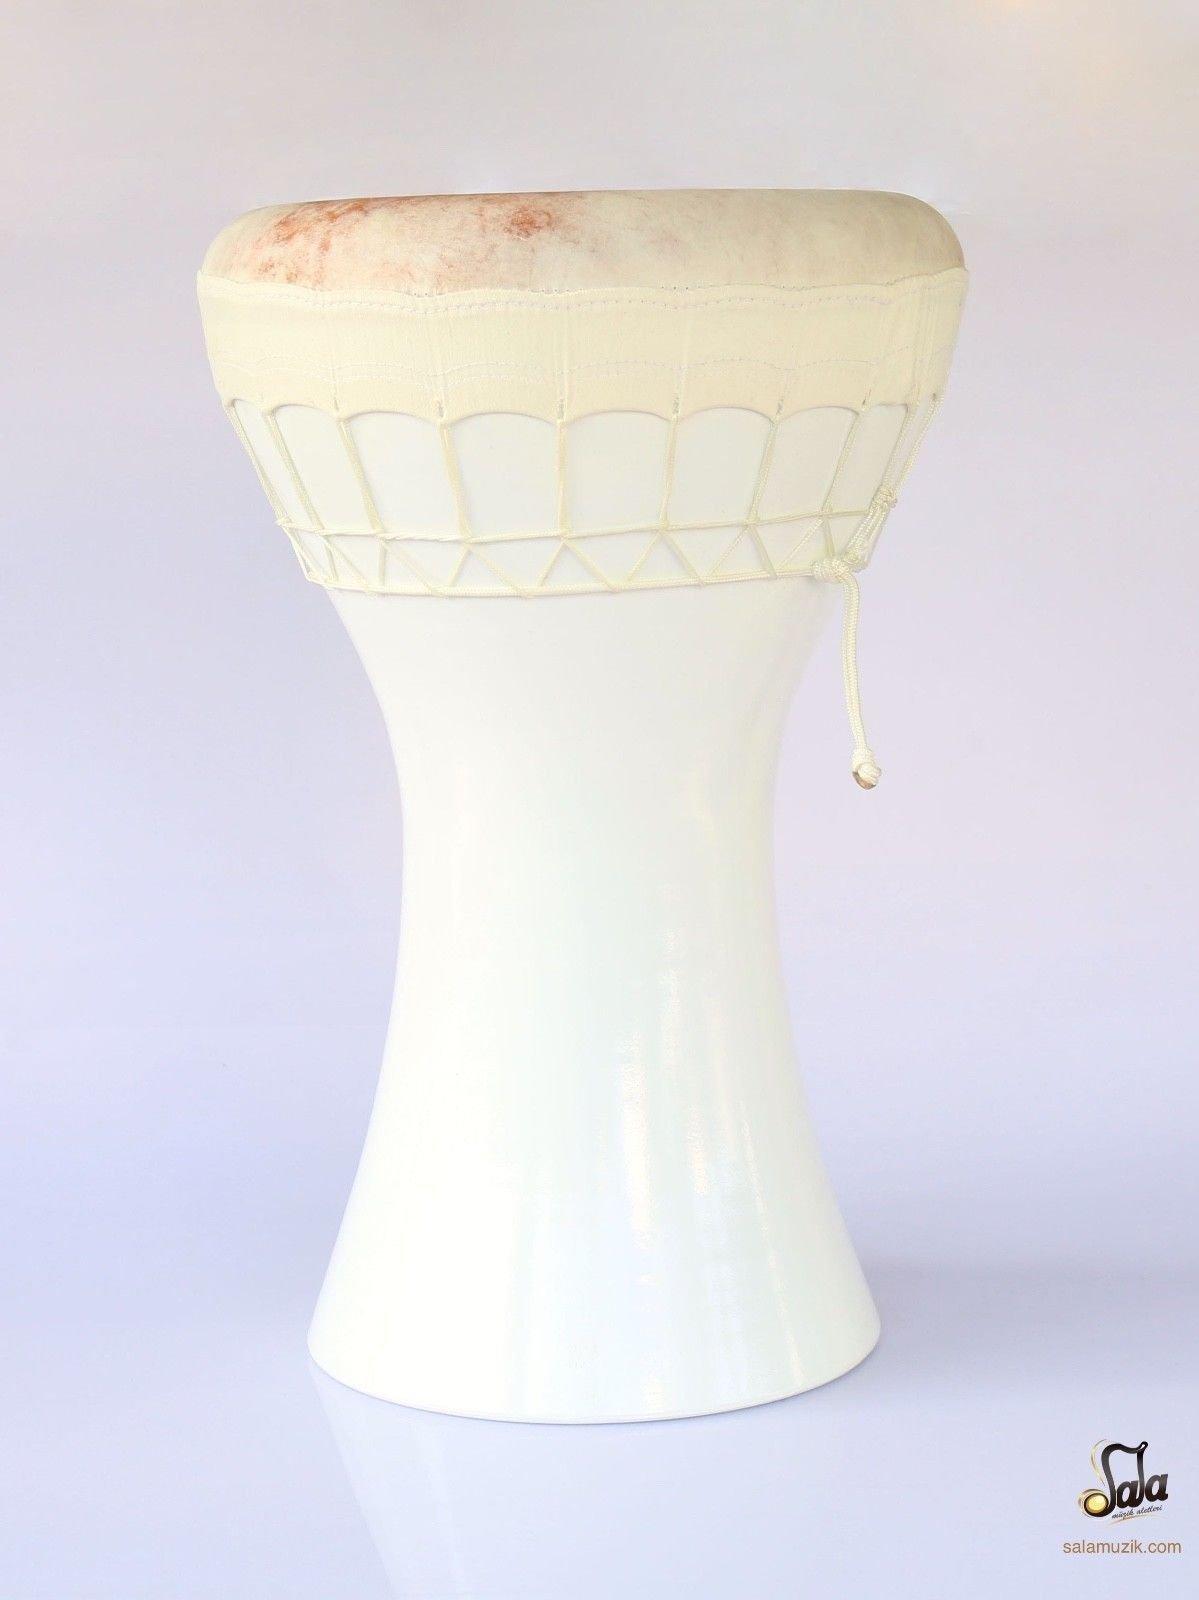 Professional Solo Clay Darbuka Ceramic Dohola Doumbek KIK-224